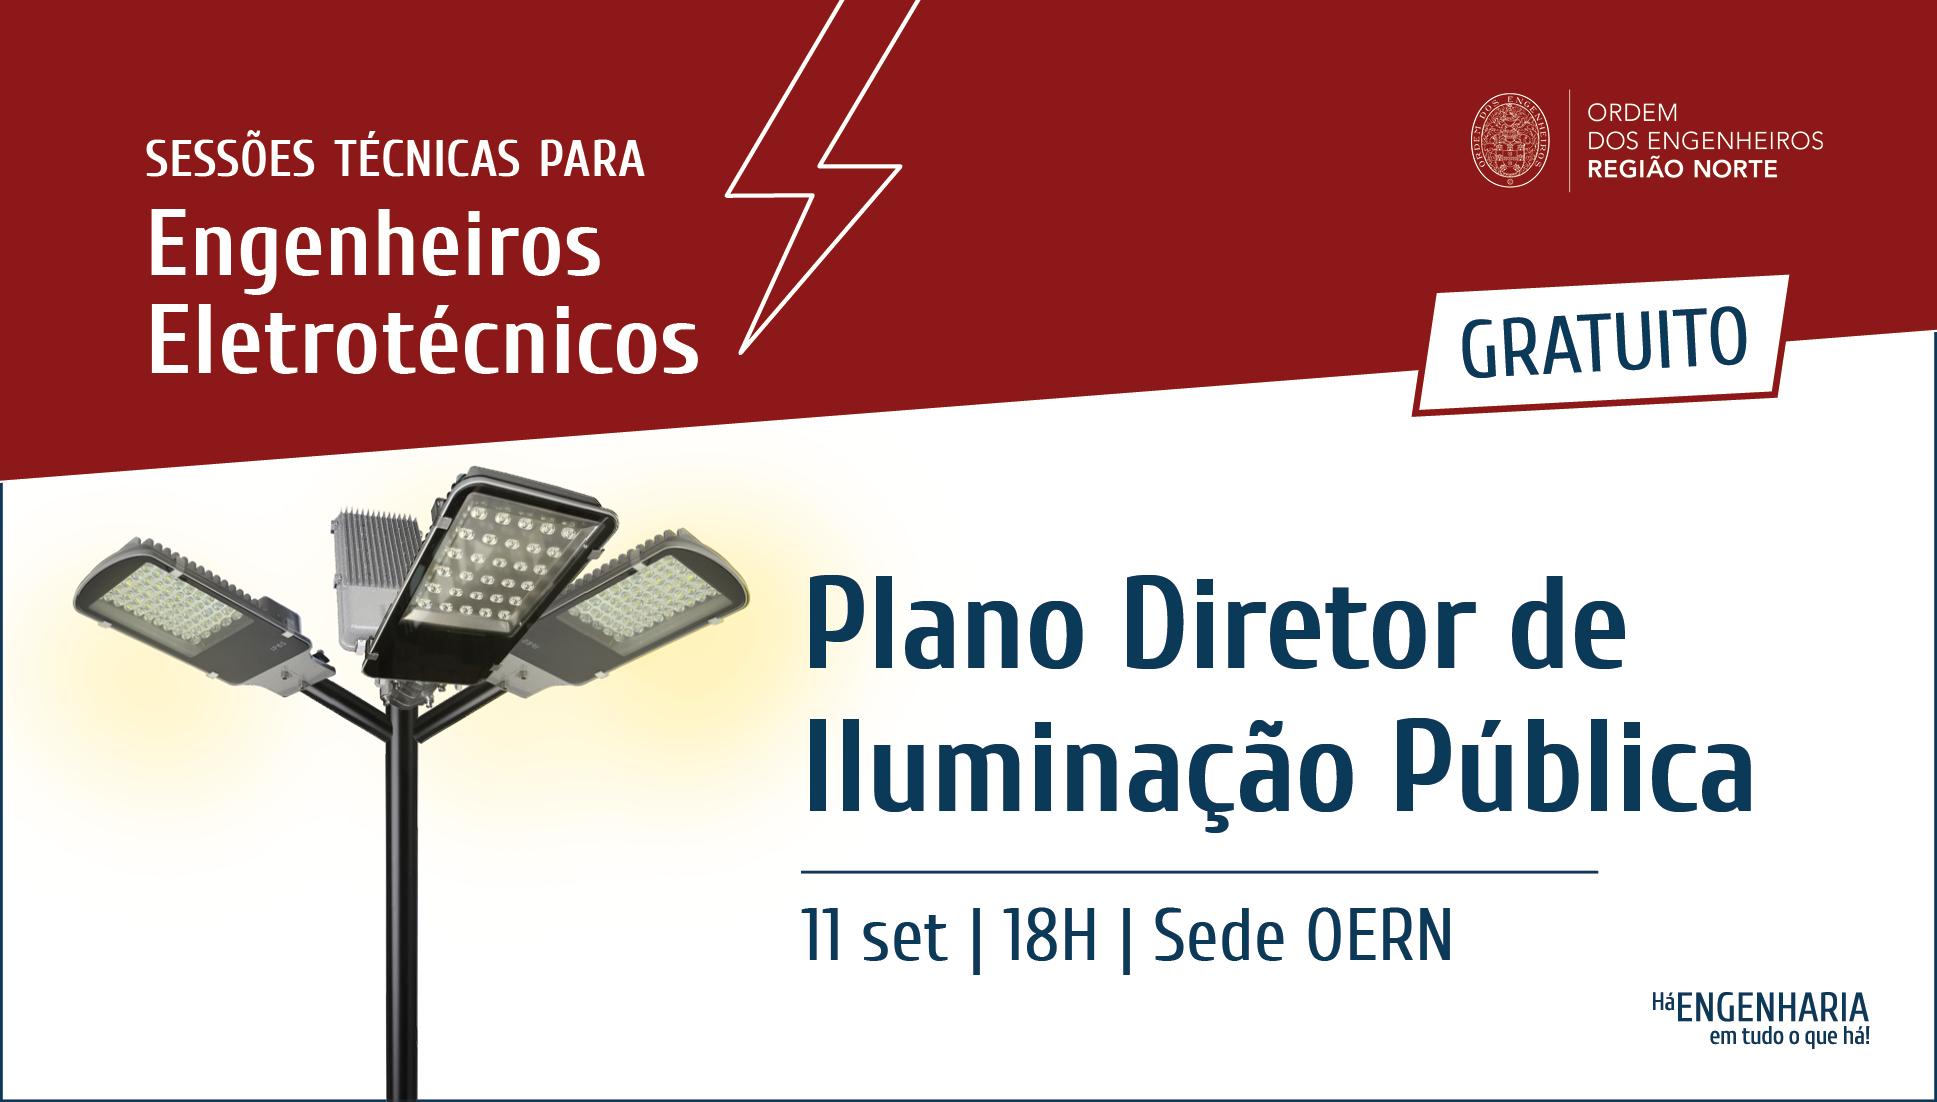 Plataforma Notícias Ordem Engenheiros Região Norte - [Sessão Técnica] Plano Diretor de Iluminação Pública